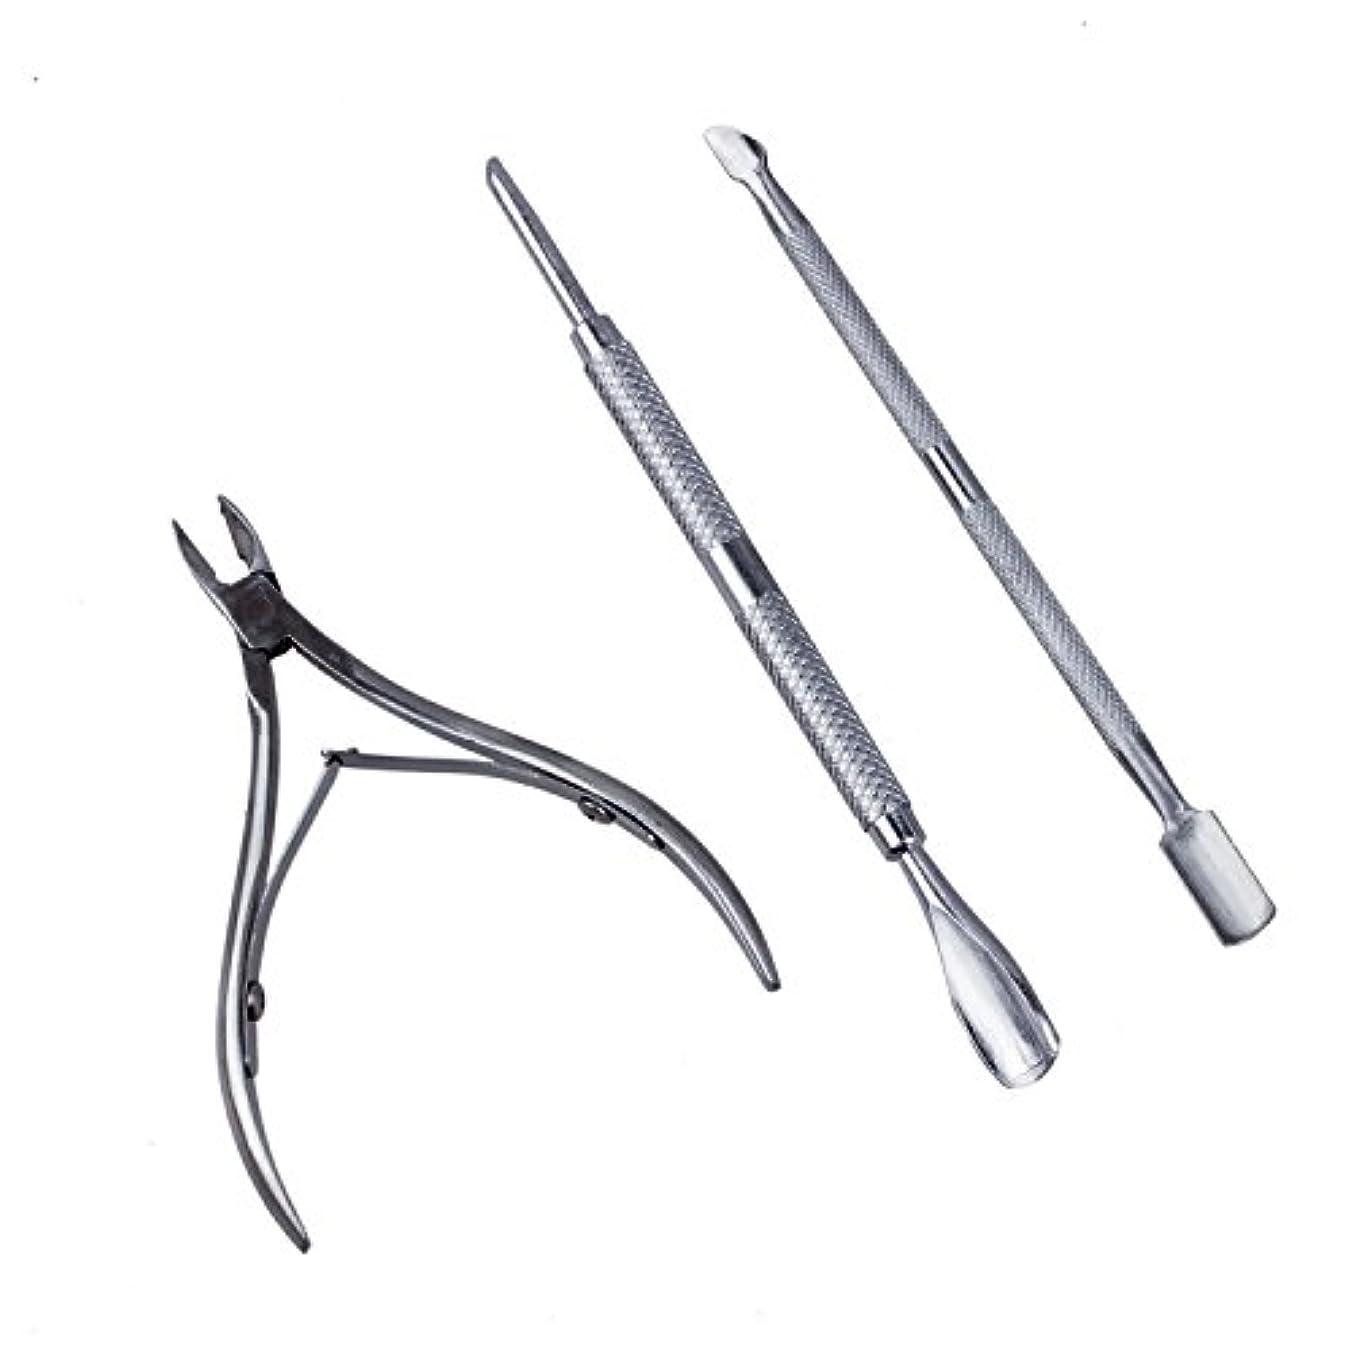 きゅうり評判召喚するNaliovker ポケットネイルキューティクルニッパーパックは、爪切りが含まれています、パック3